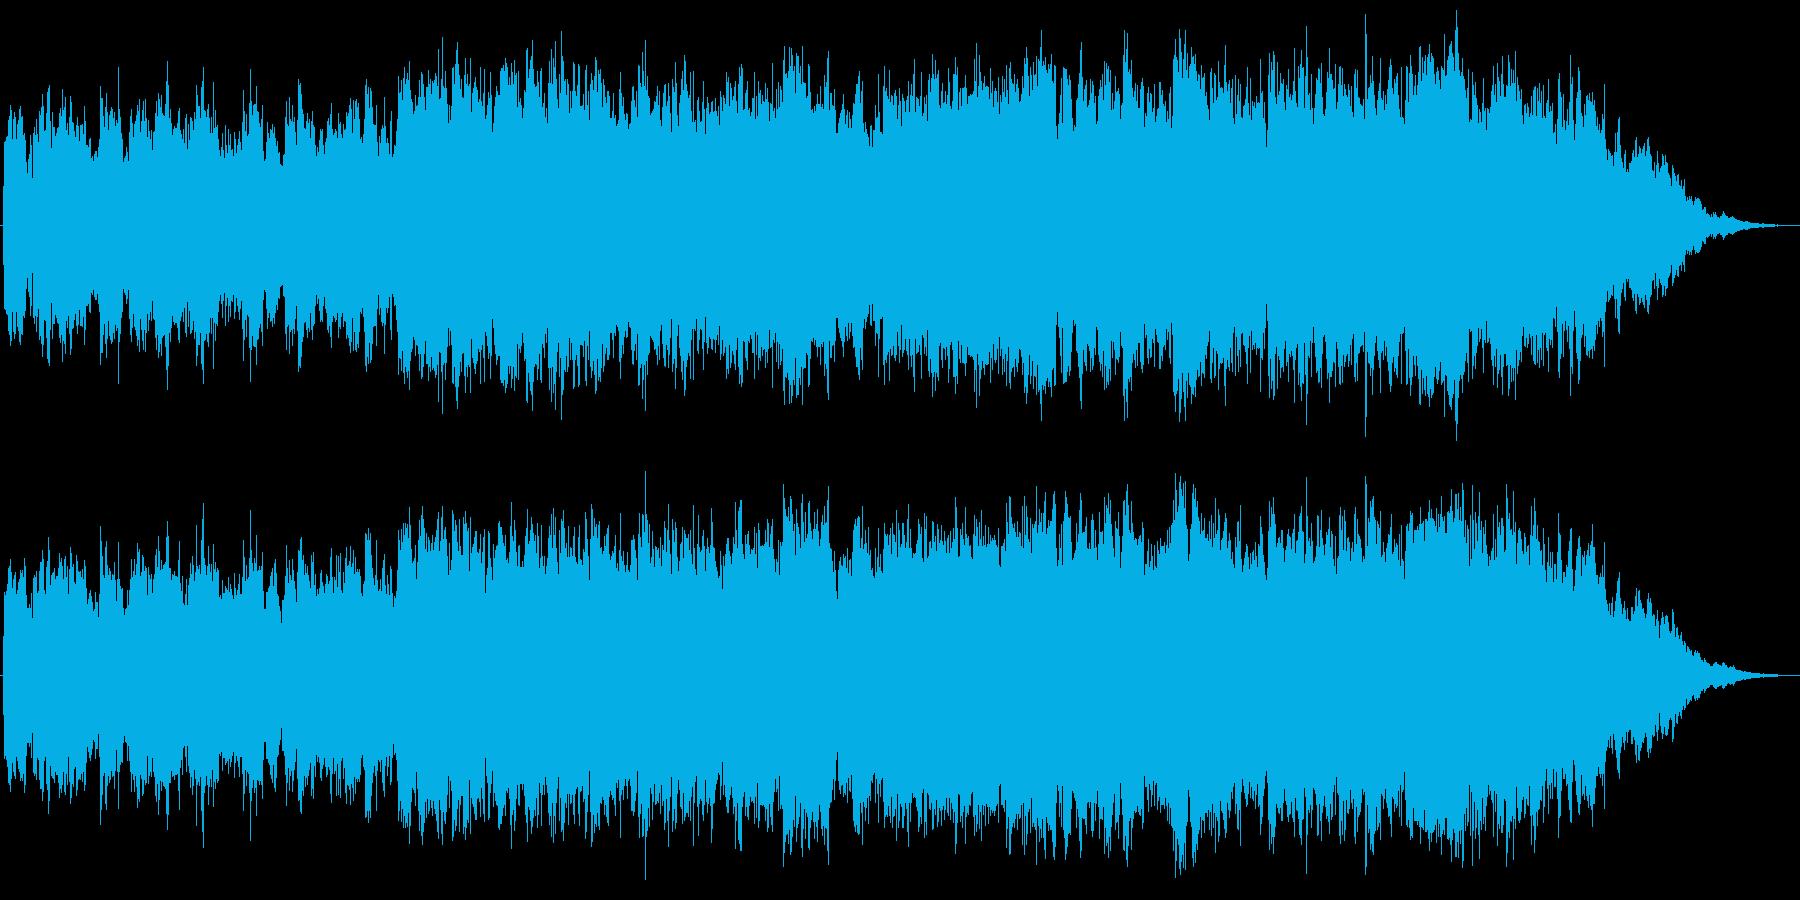 映像BGM(荘厳、きらびやか)の再生済みの波形